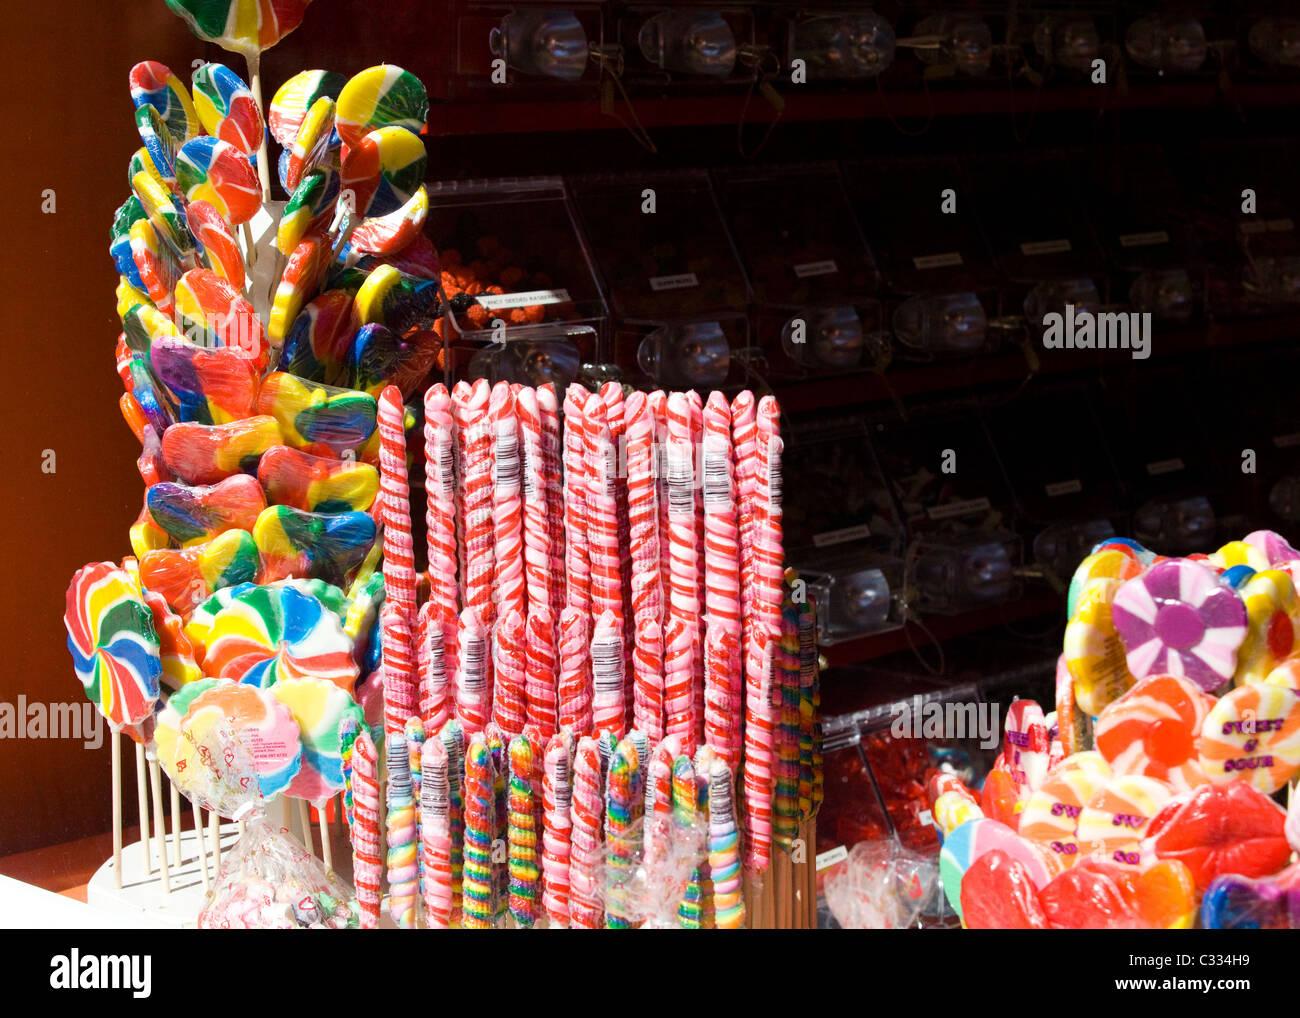 Negozio di caramelle nella finestra di visualizzazione Immagini Stock